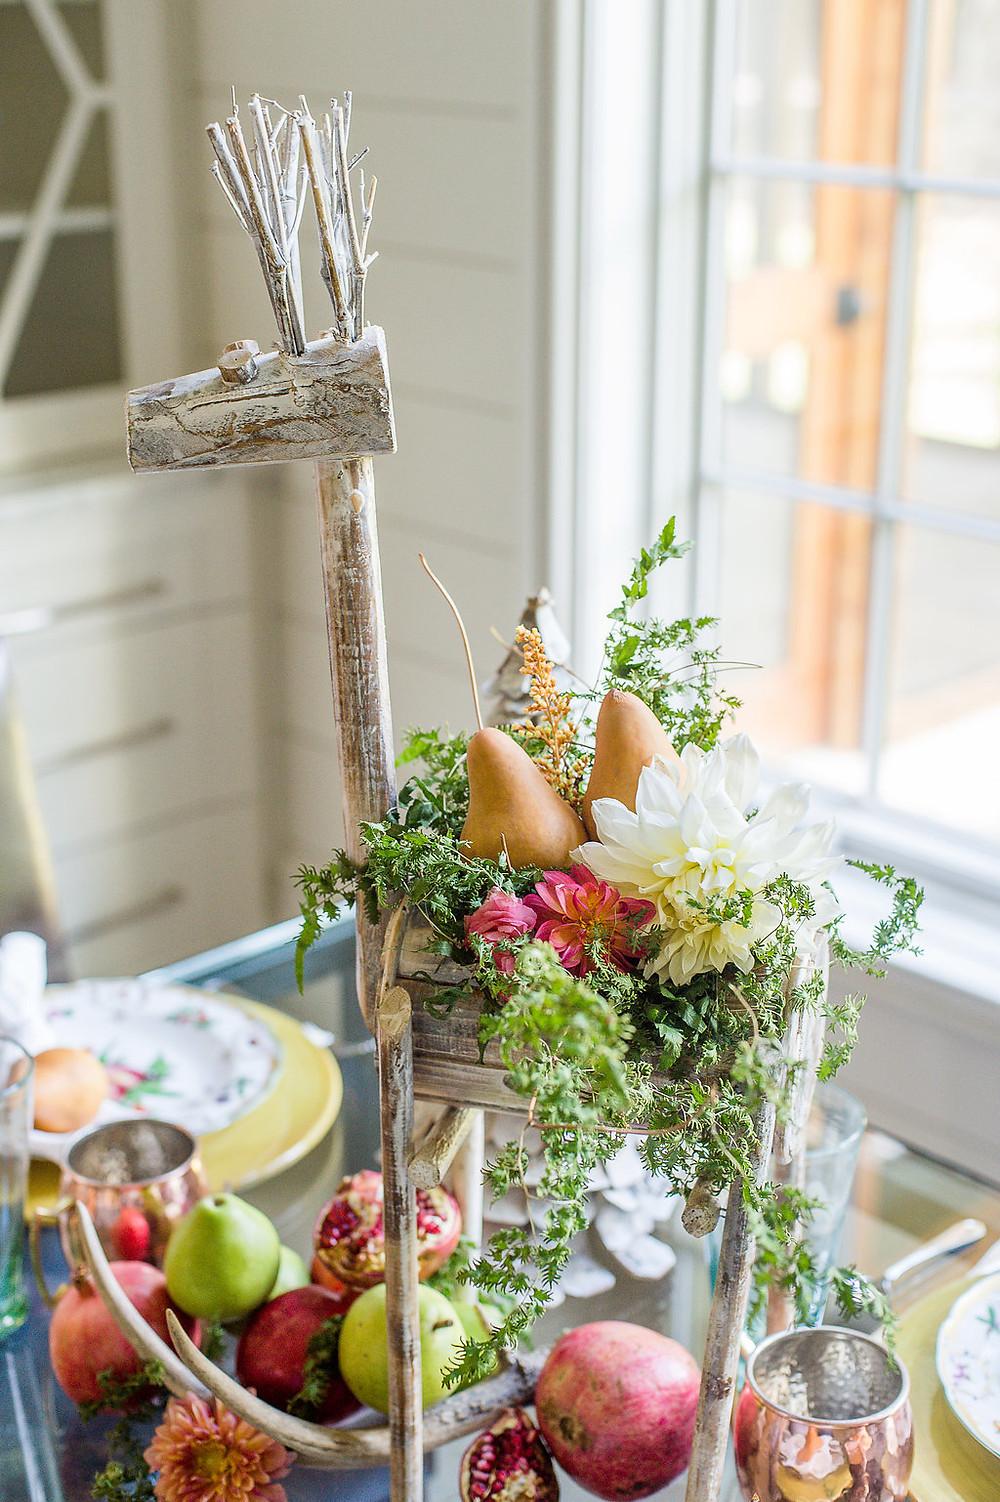 floral fruit table centerpiece